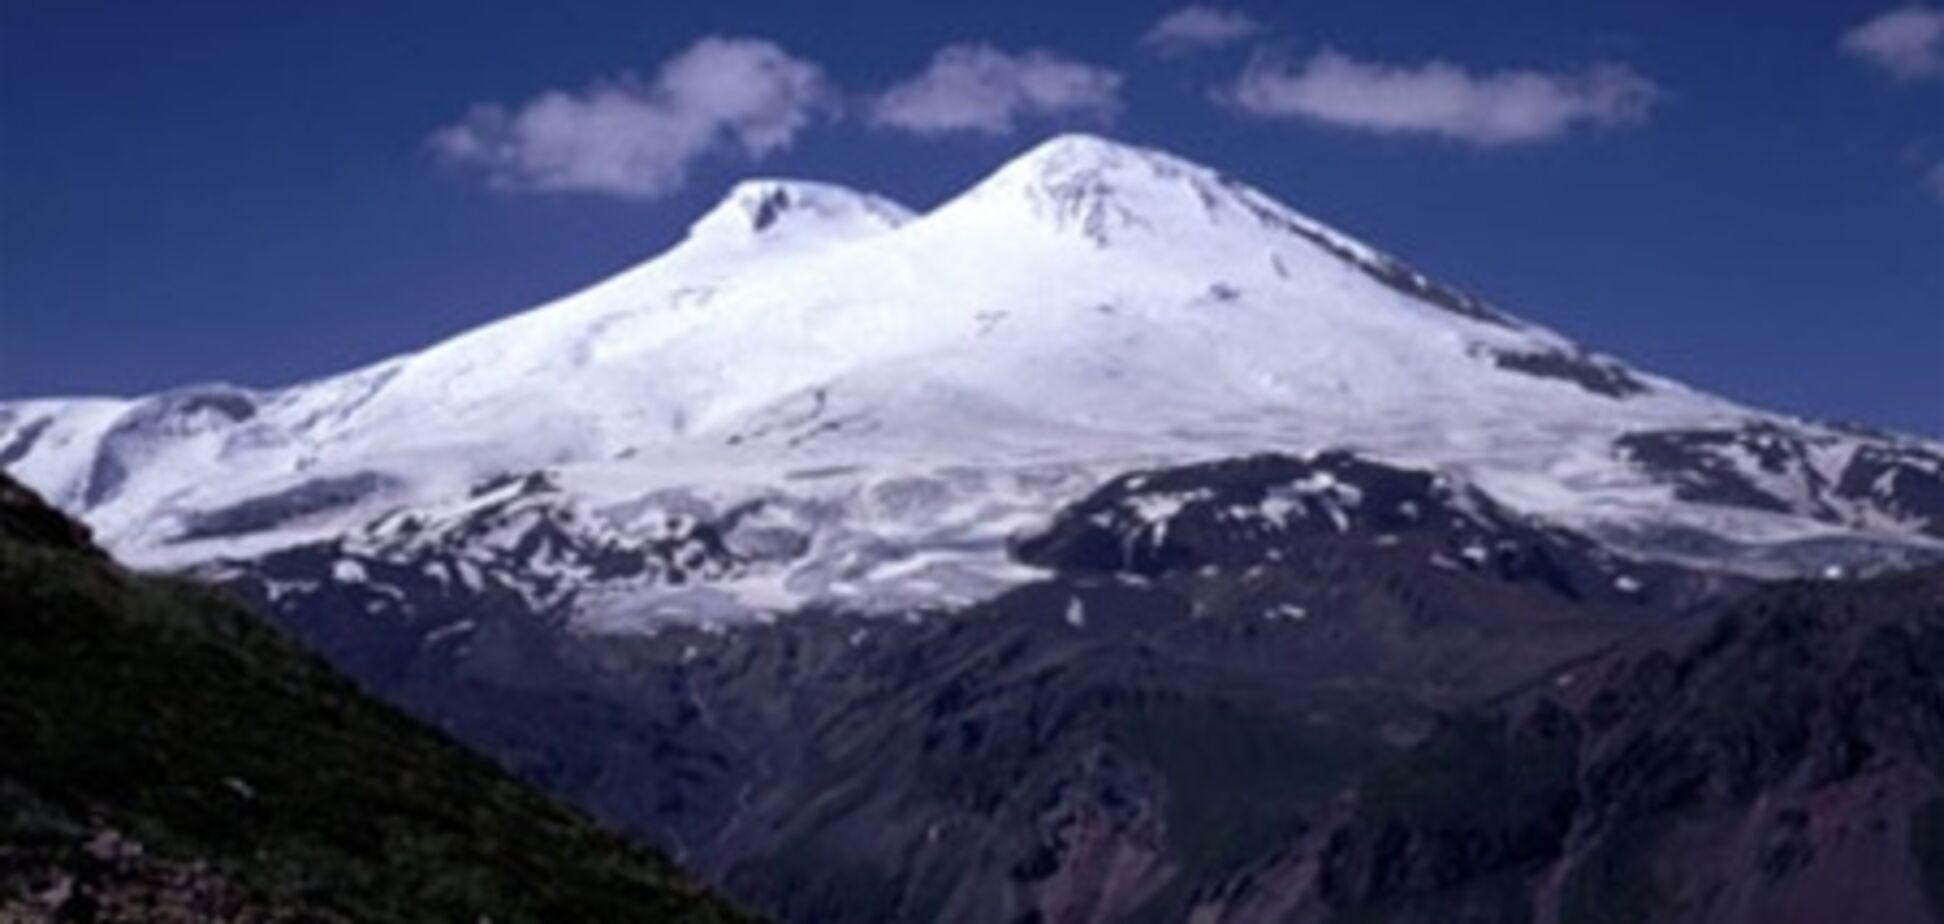 Спасатели продолжают поиски третьего альпиниста, пропавшего на Эльбрусе